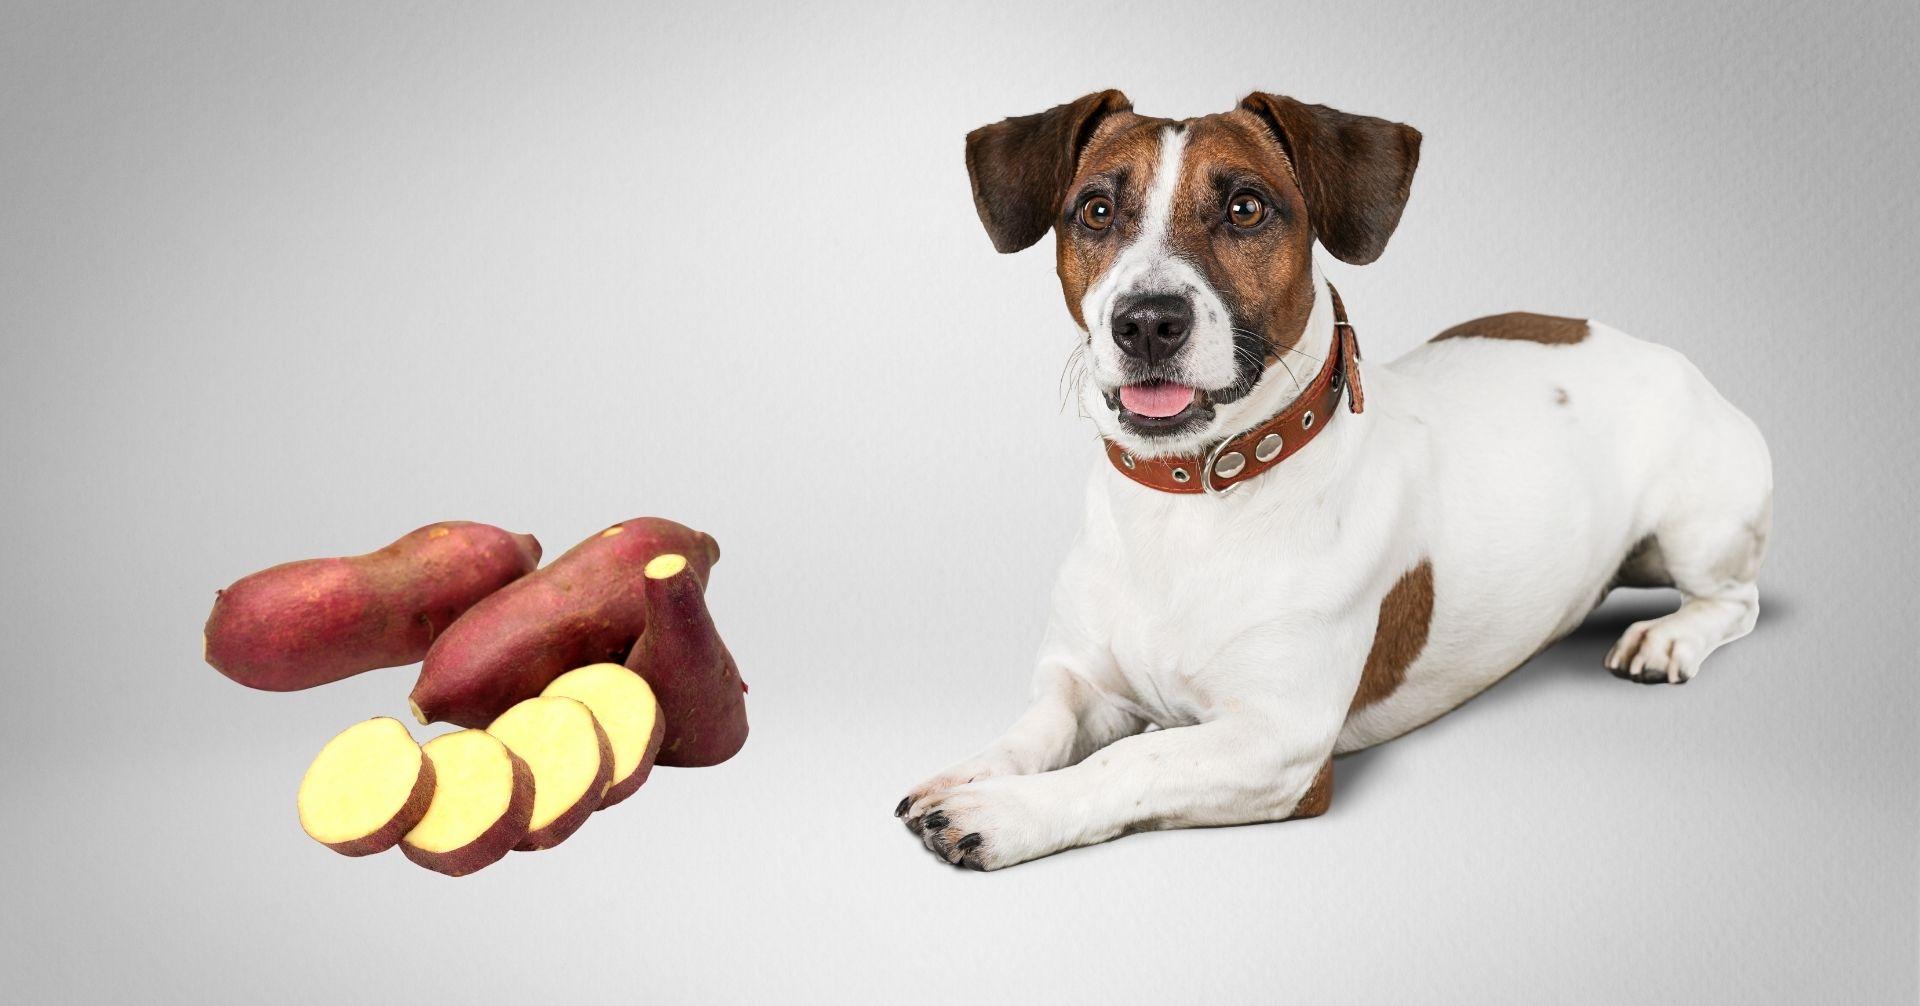 愛犬にさつまいもを与えても大丈夫?ペット栄養管理士が効能や注意点を解説